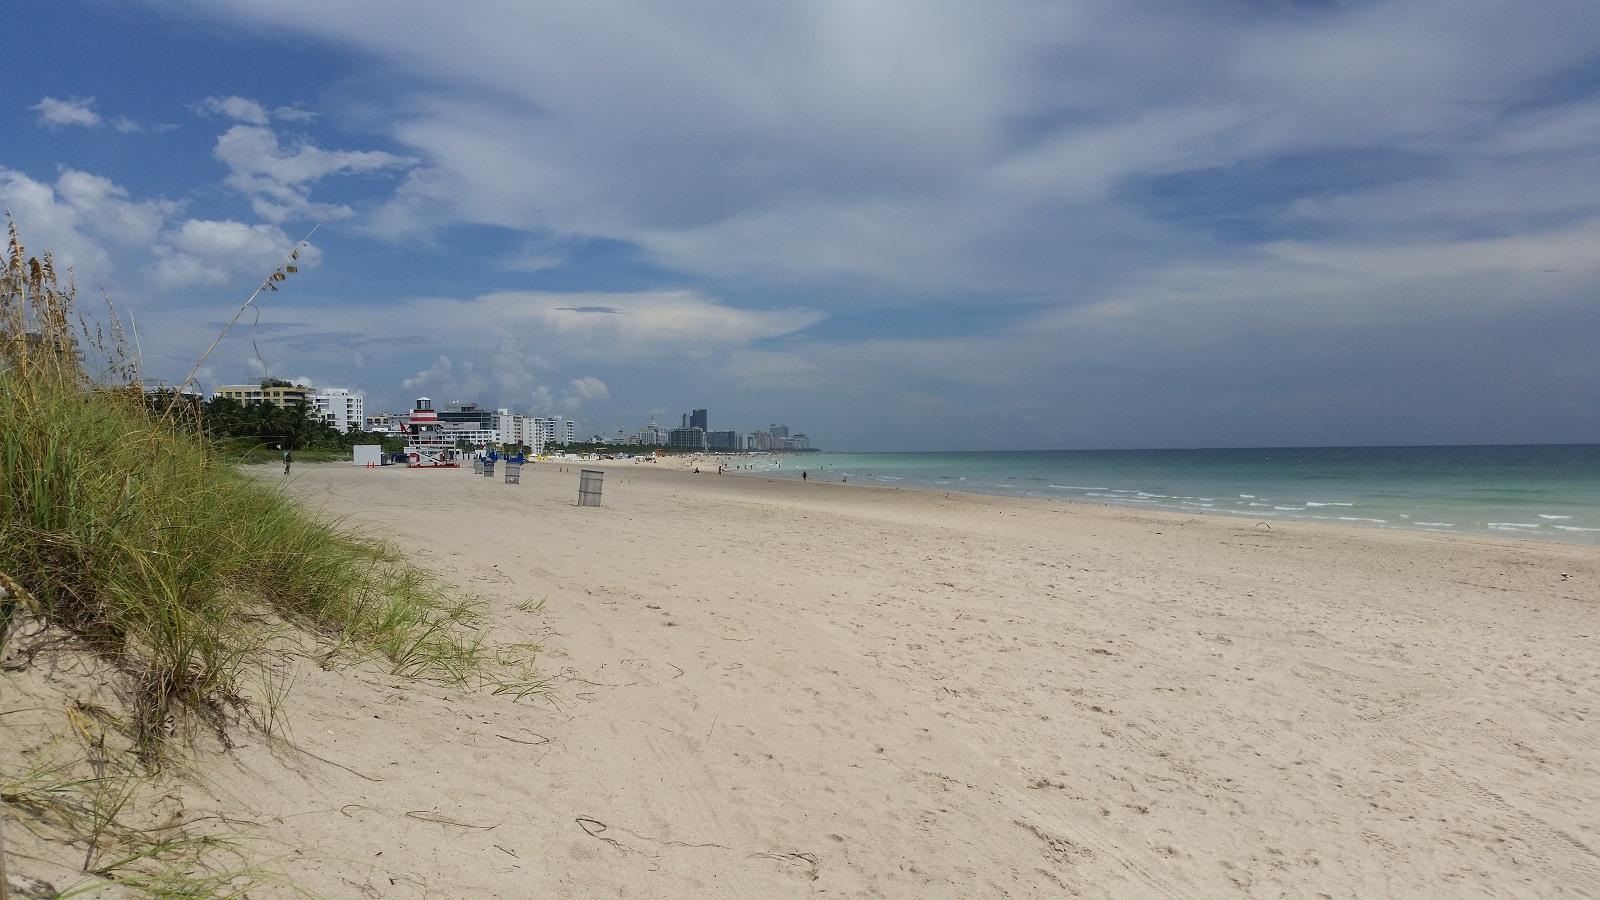 Wakacje w Miami Beach- Wposzukiwaniu.pl